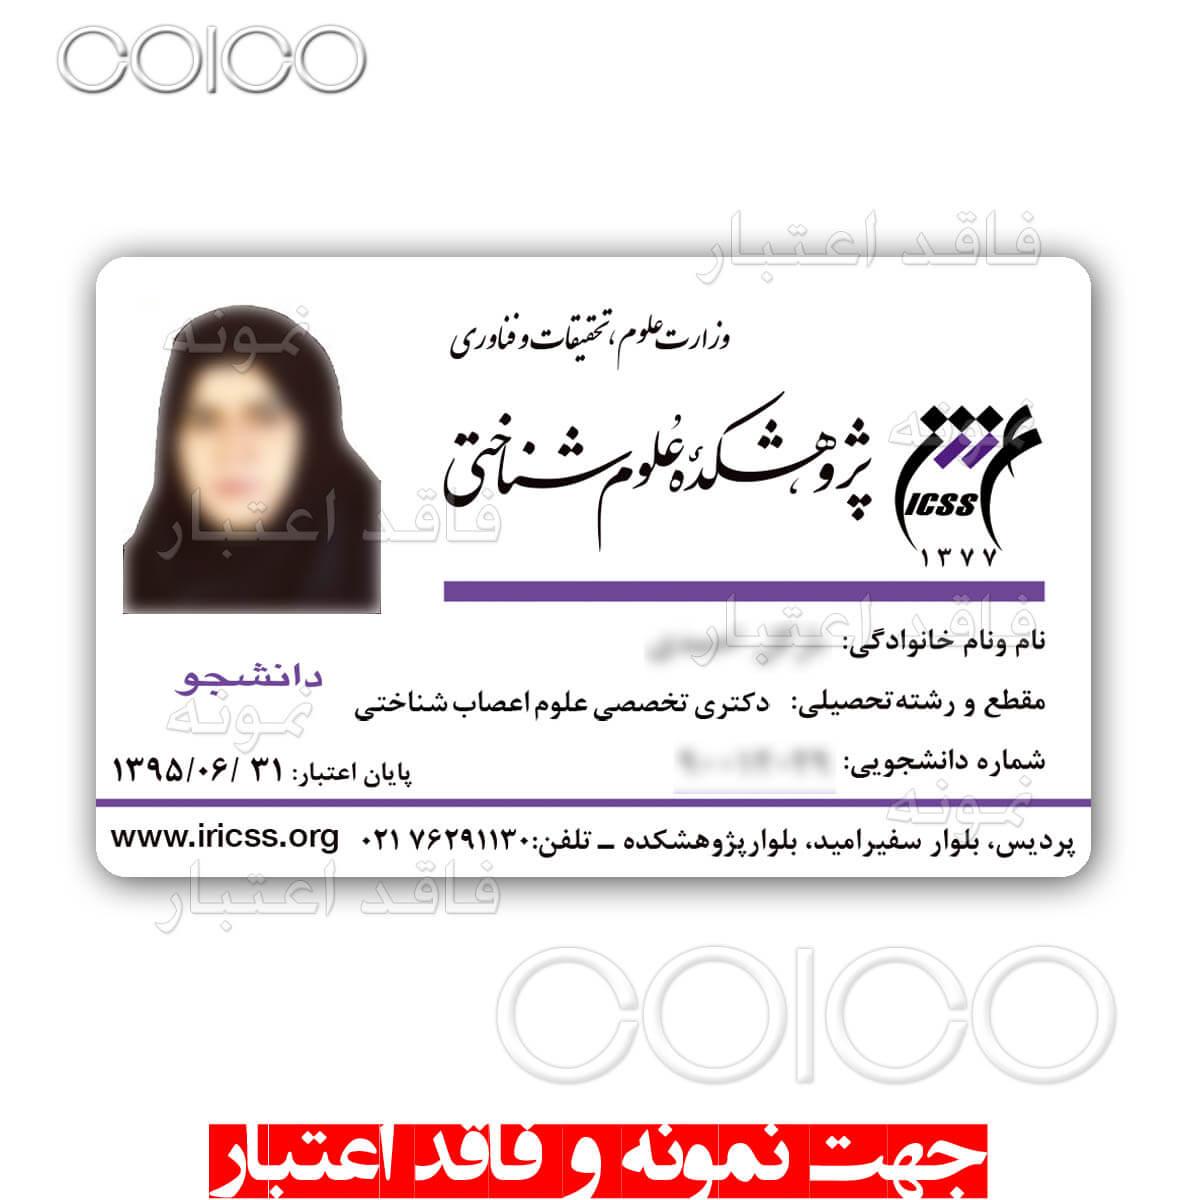 چاپ کارت دانشجویی پی وی سی